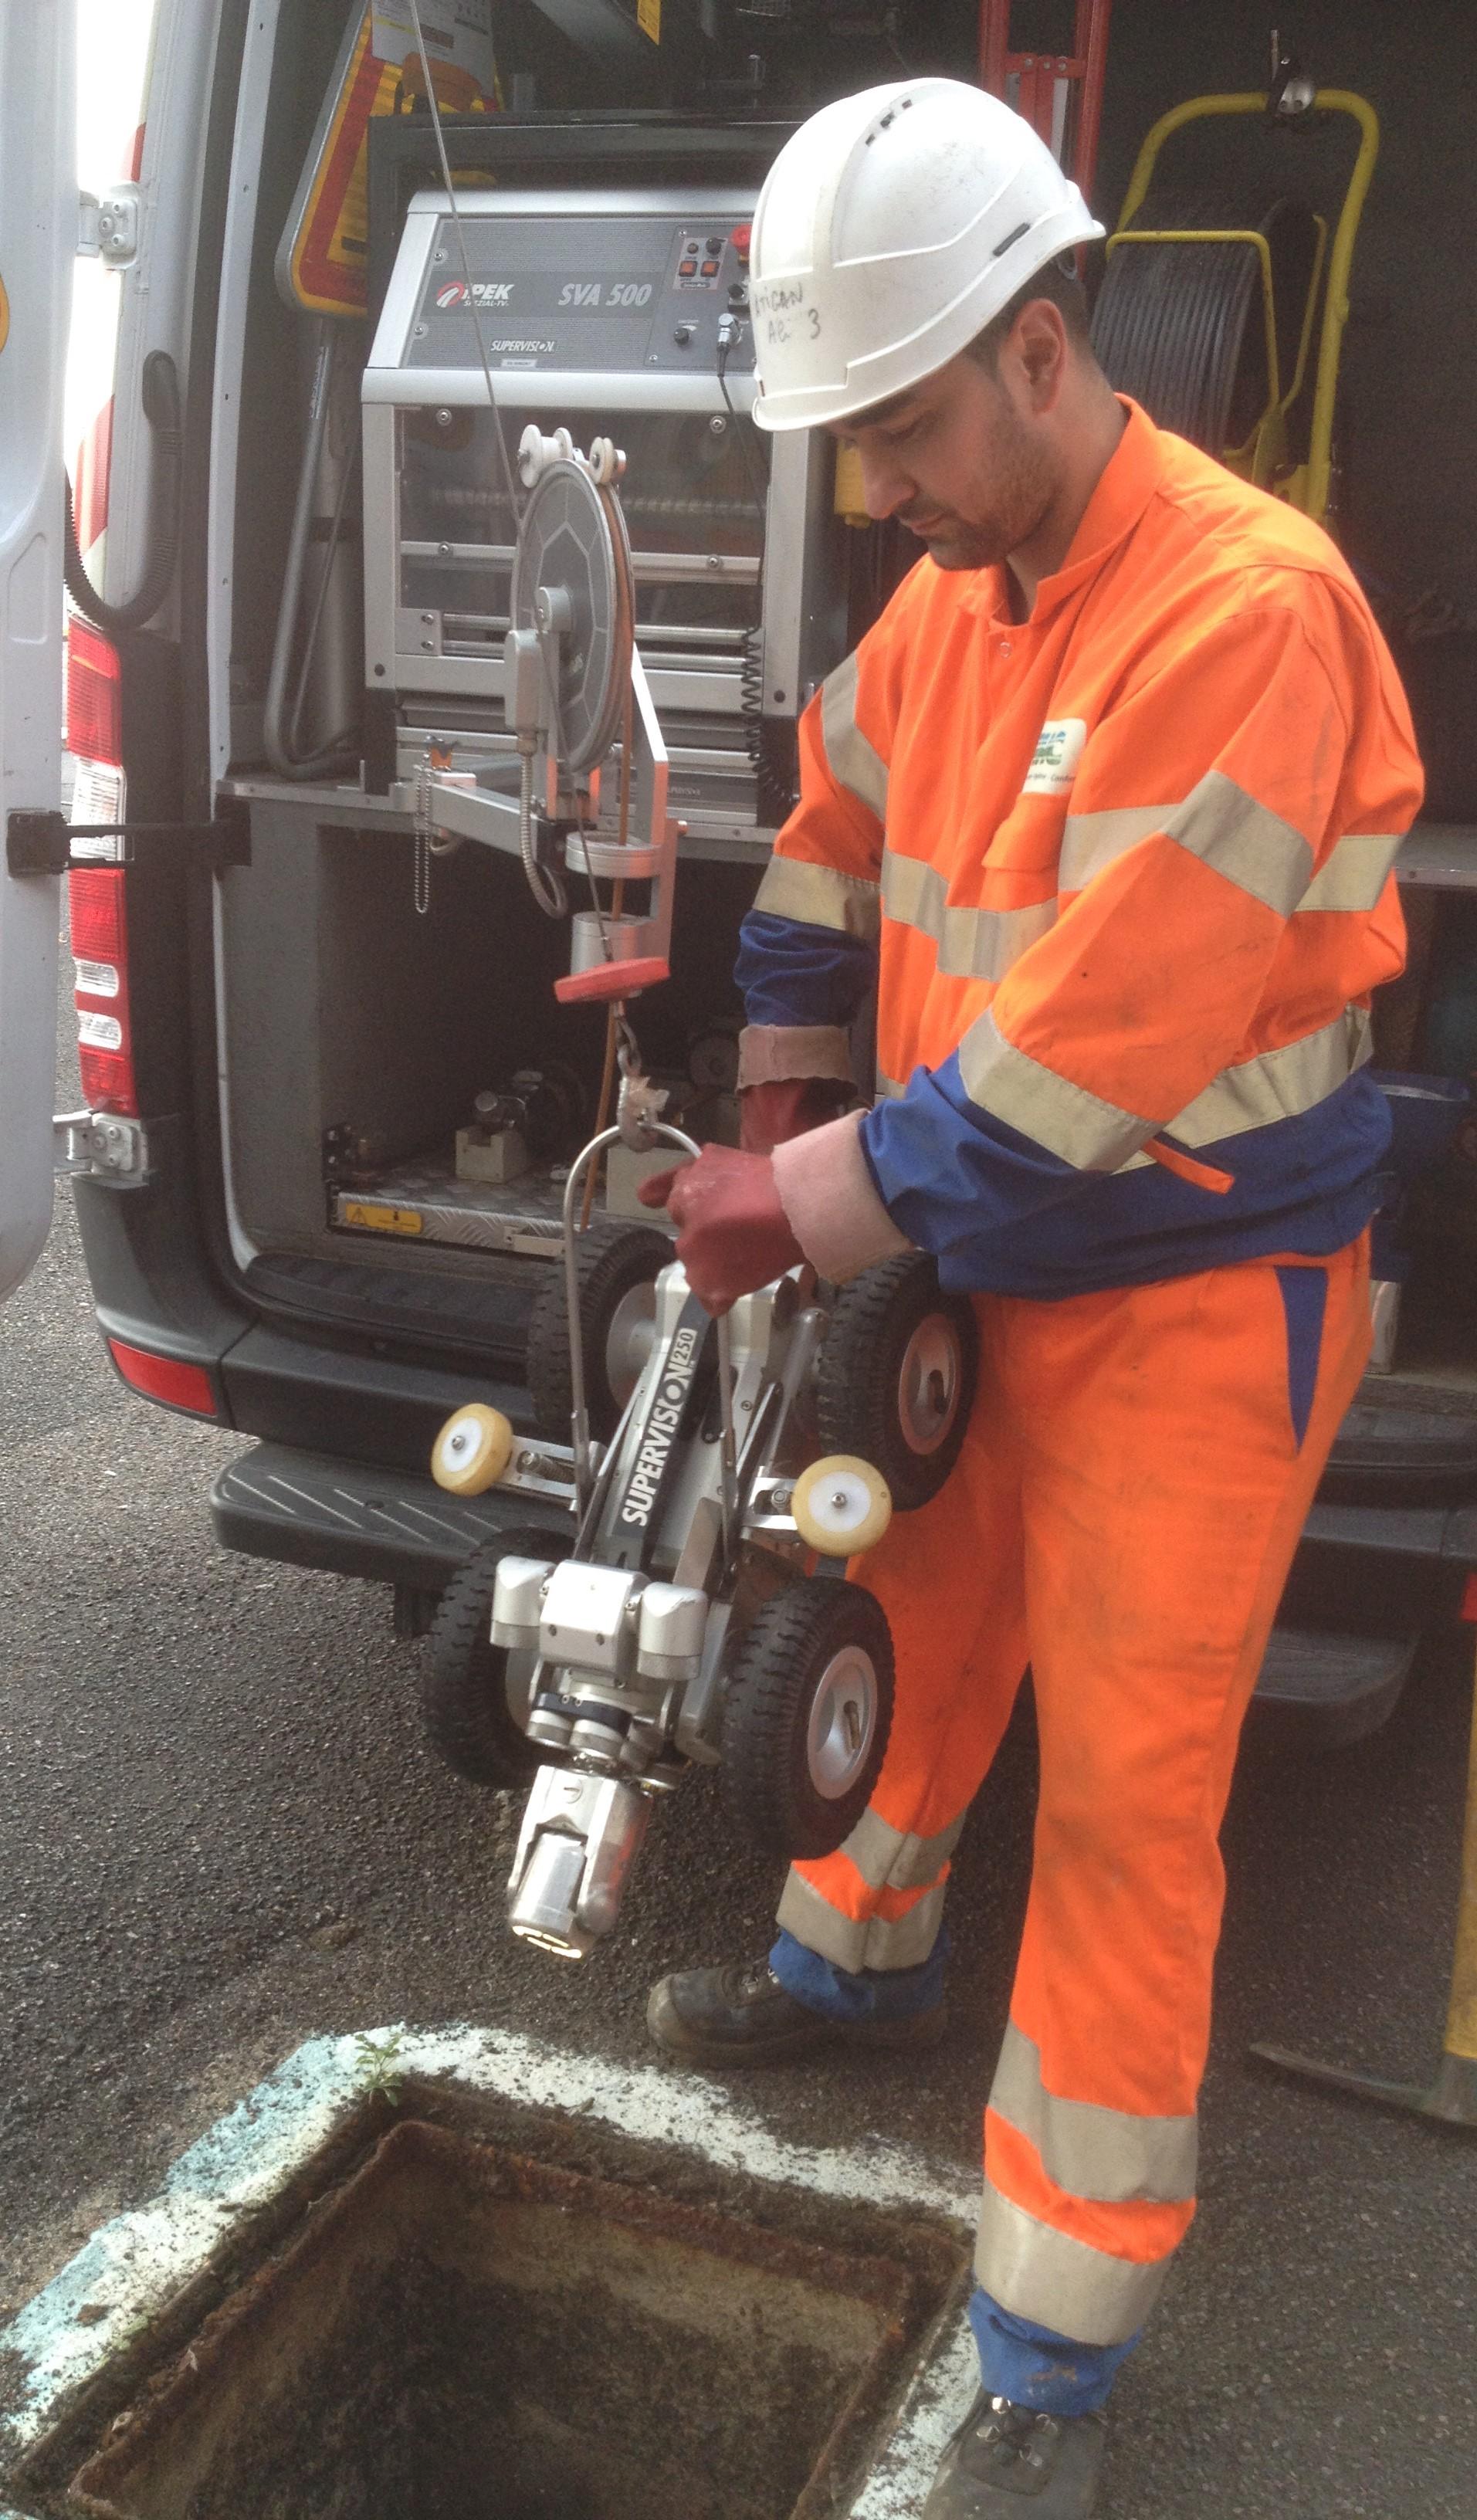 Technicien procédant à la descente d'un robot dans les canalisations pour une inspection télévisée